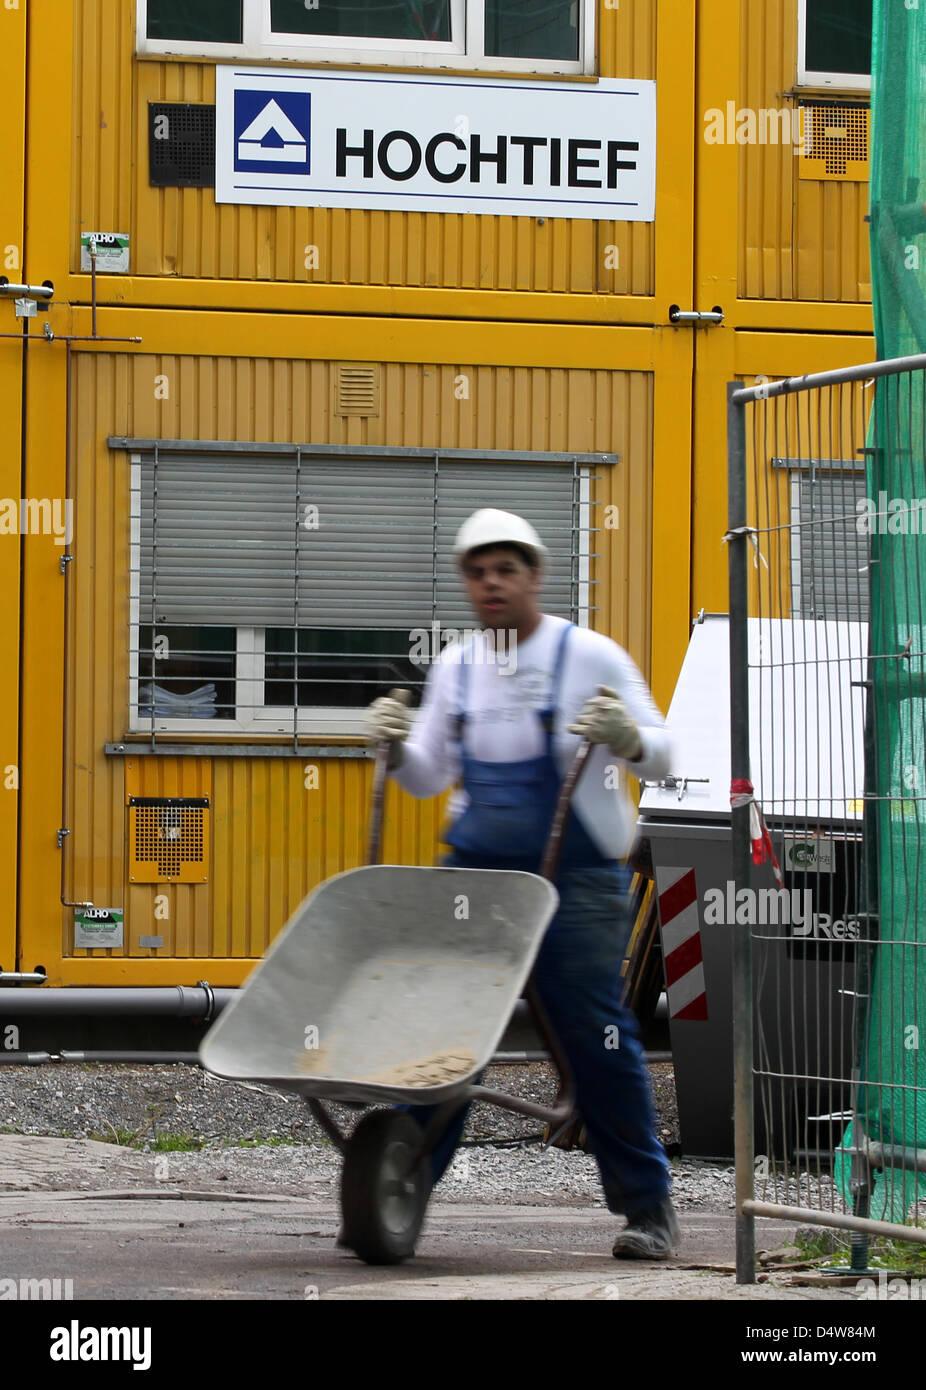 Ein Arbeiter Der Baufirma Hochtief Schiebt Bin Freitag